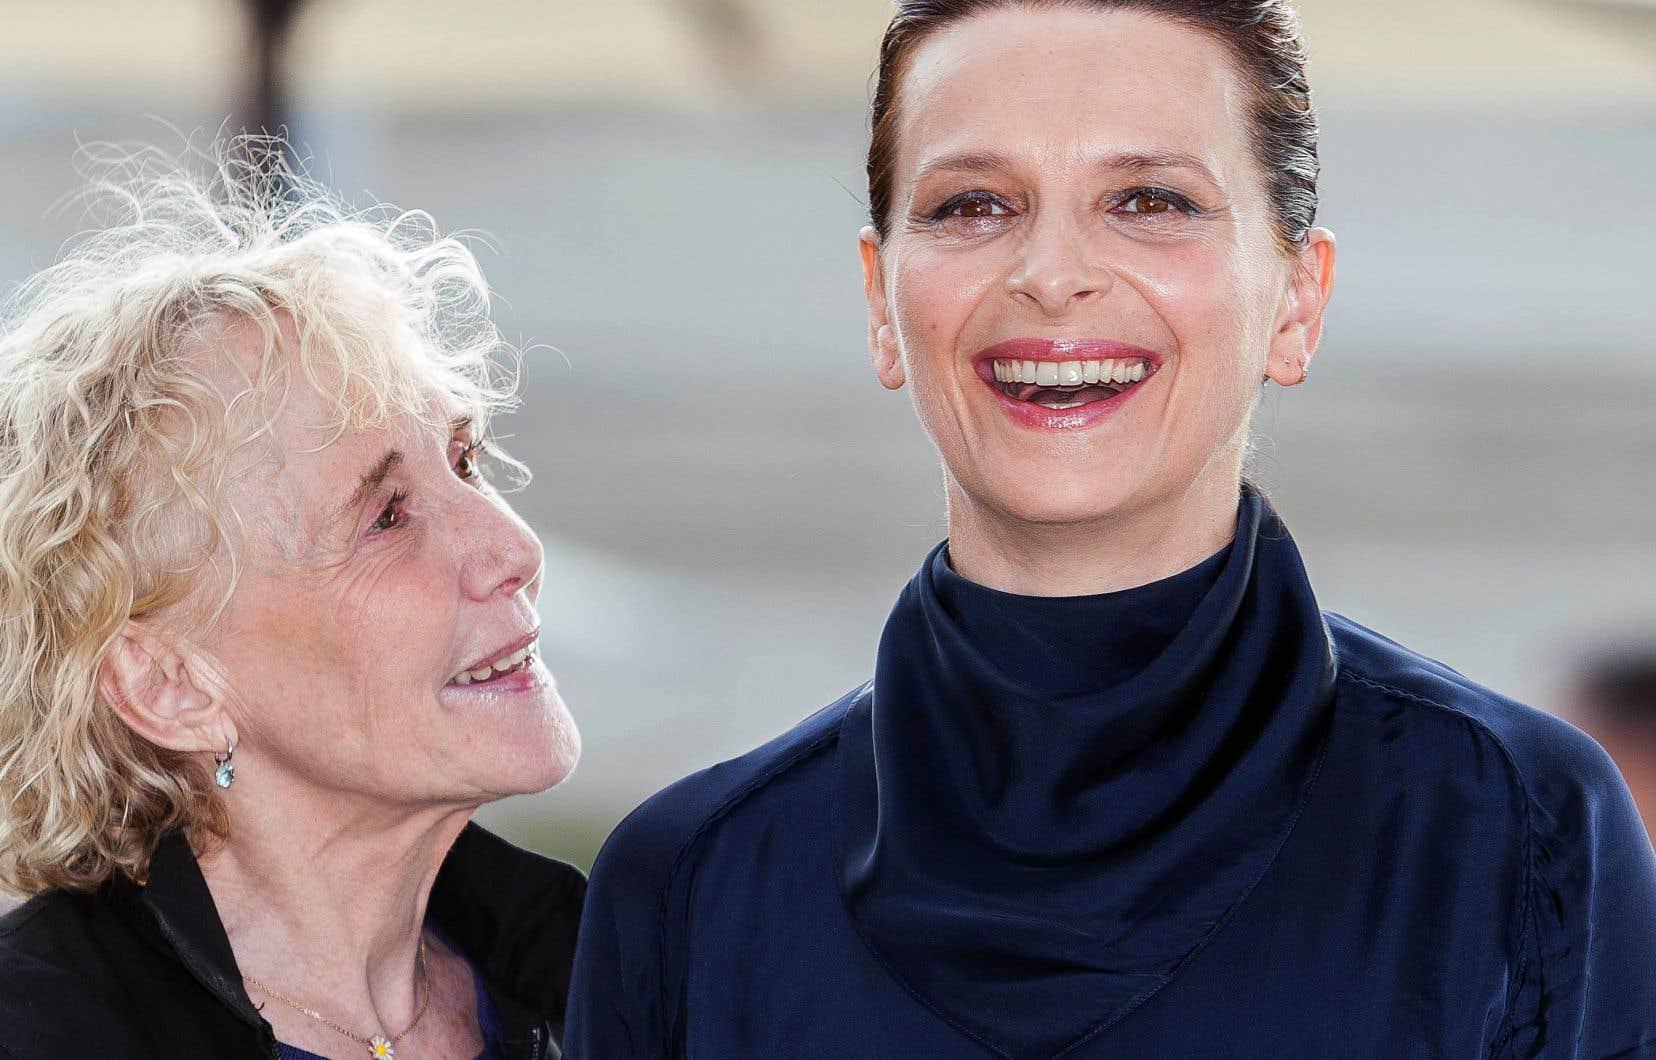 La cinéaste Claire Denis et l'actrice Juliette Binoche ont présenté «Un beau soleil intérieur» au Festival du film francophone d'Angoulême en août dernier. C'est la première fois que les deux artistes tournaient ensemble.